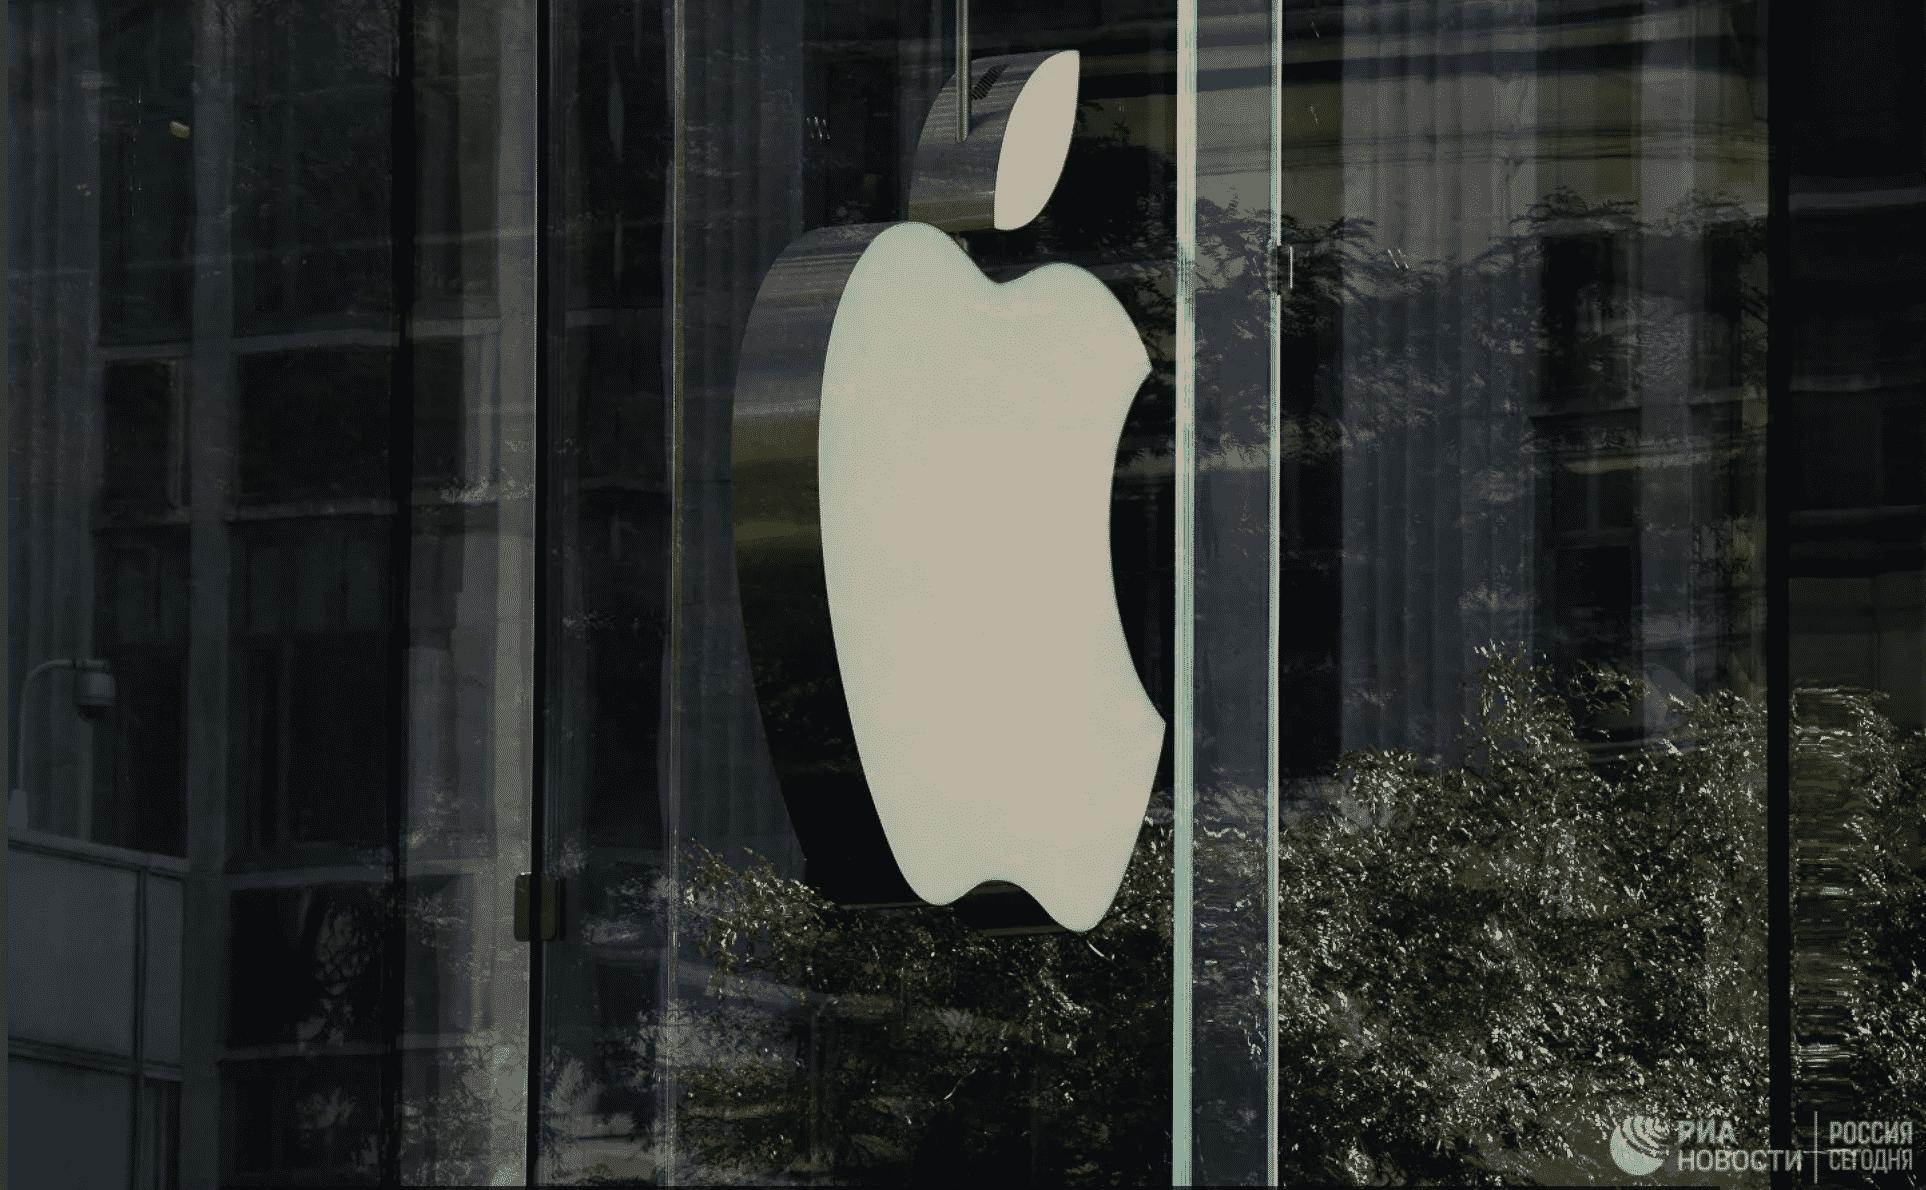 МИД прокомментировал обвинения в адрес Apple в сговоре с Россией